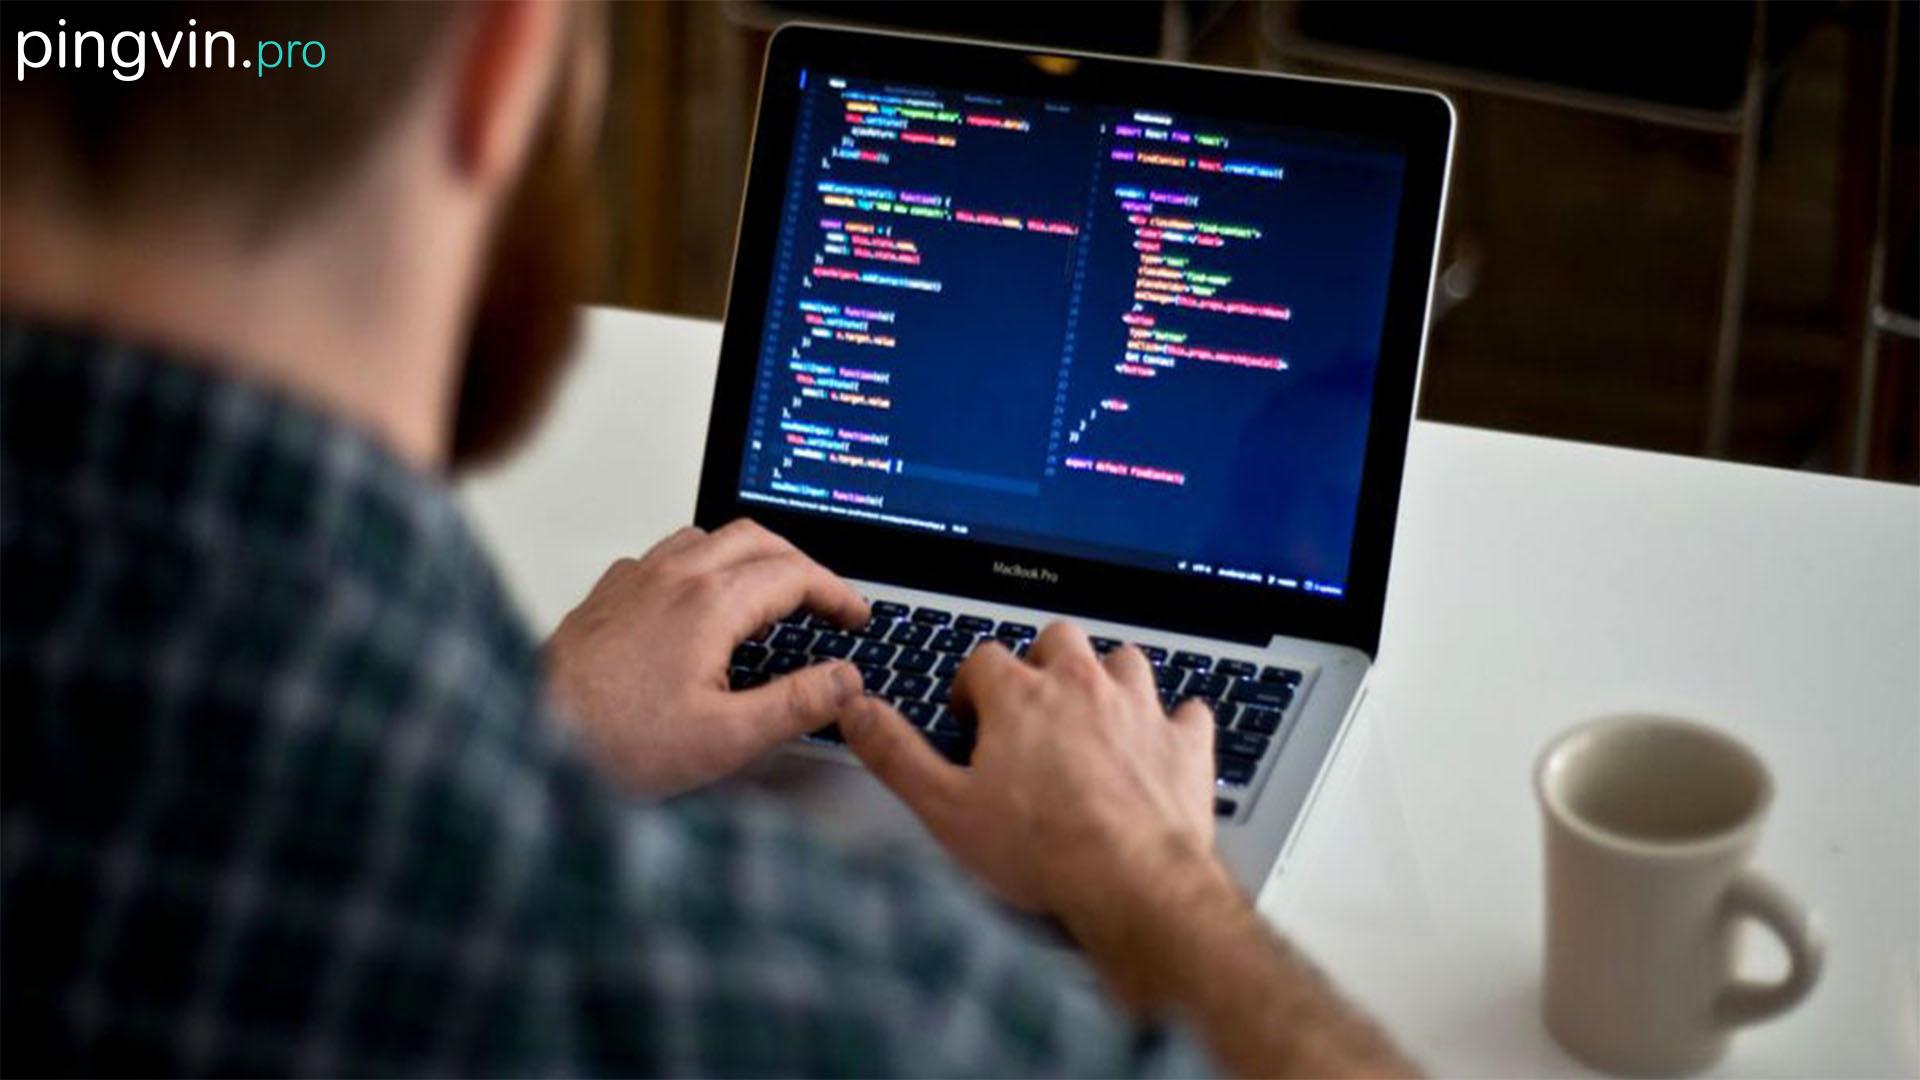 Мінцифра шукає IT-проекти, які допоможуть протистояти пандемії коронавірусу